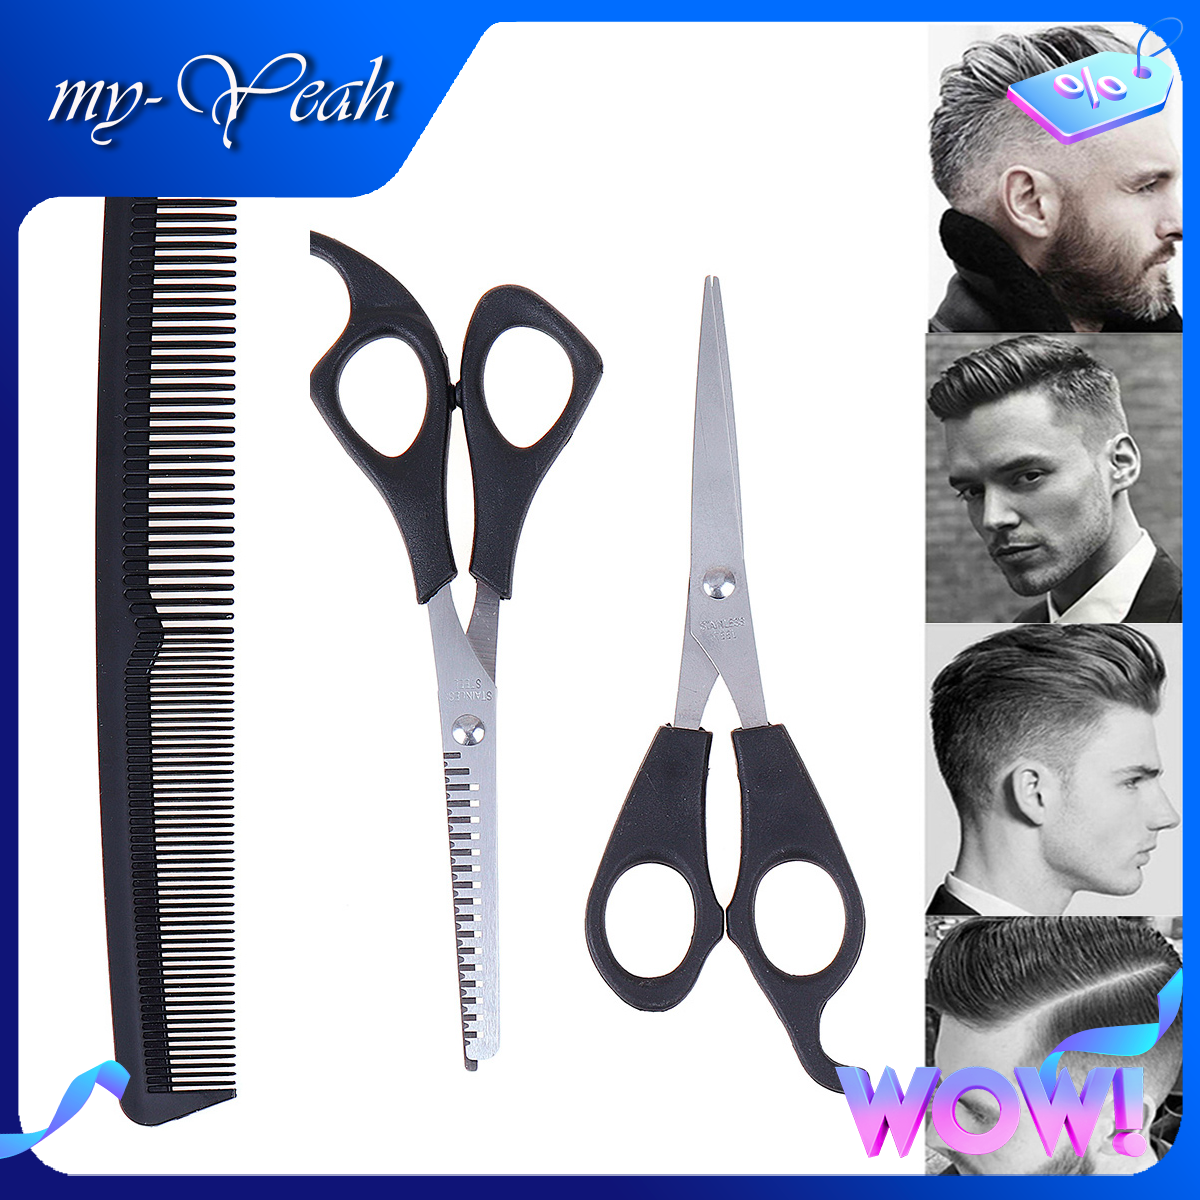 Bộ lược và kéo cắt tóc Myyeah chuyên dụng màu đen phù hợp dùng cho các salon chuyên nghiệp – INTL